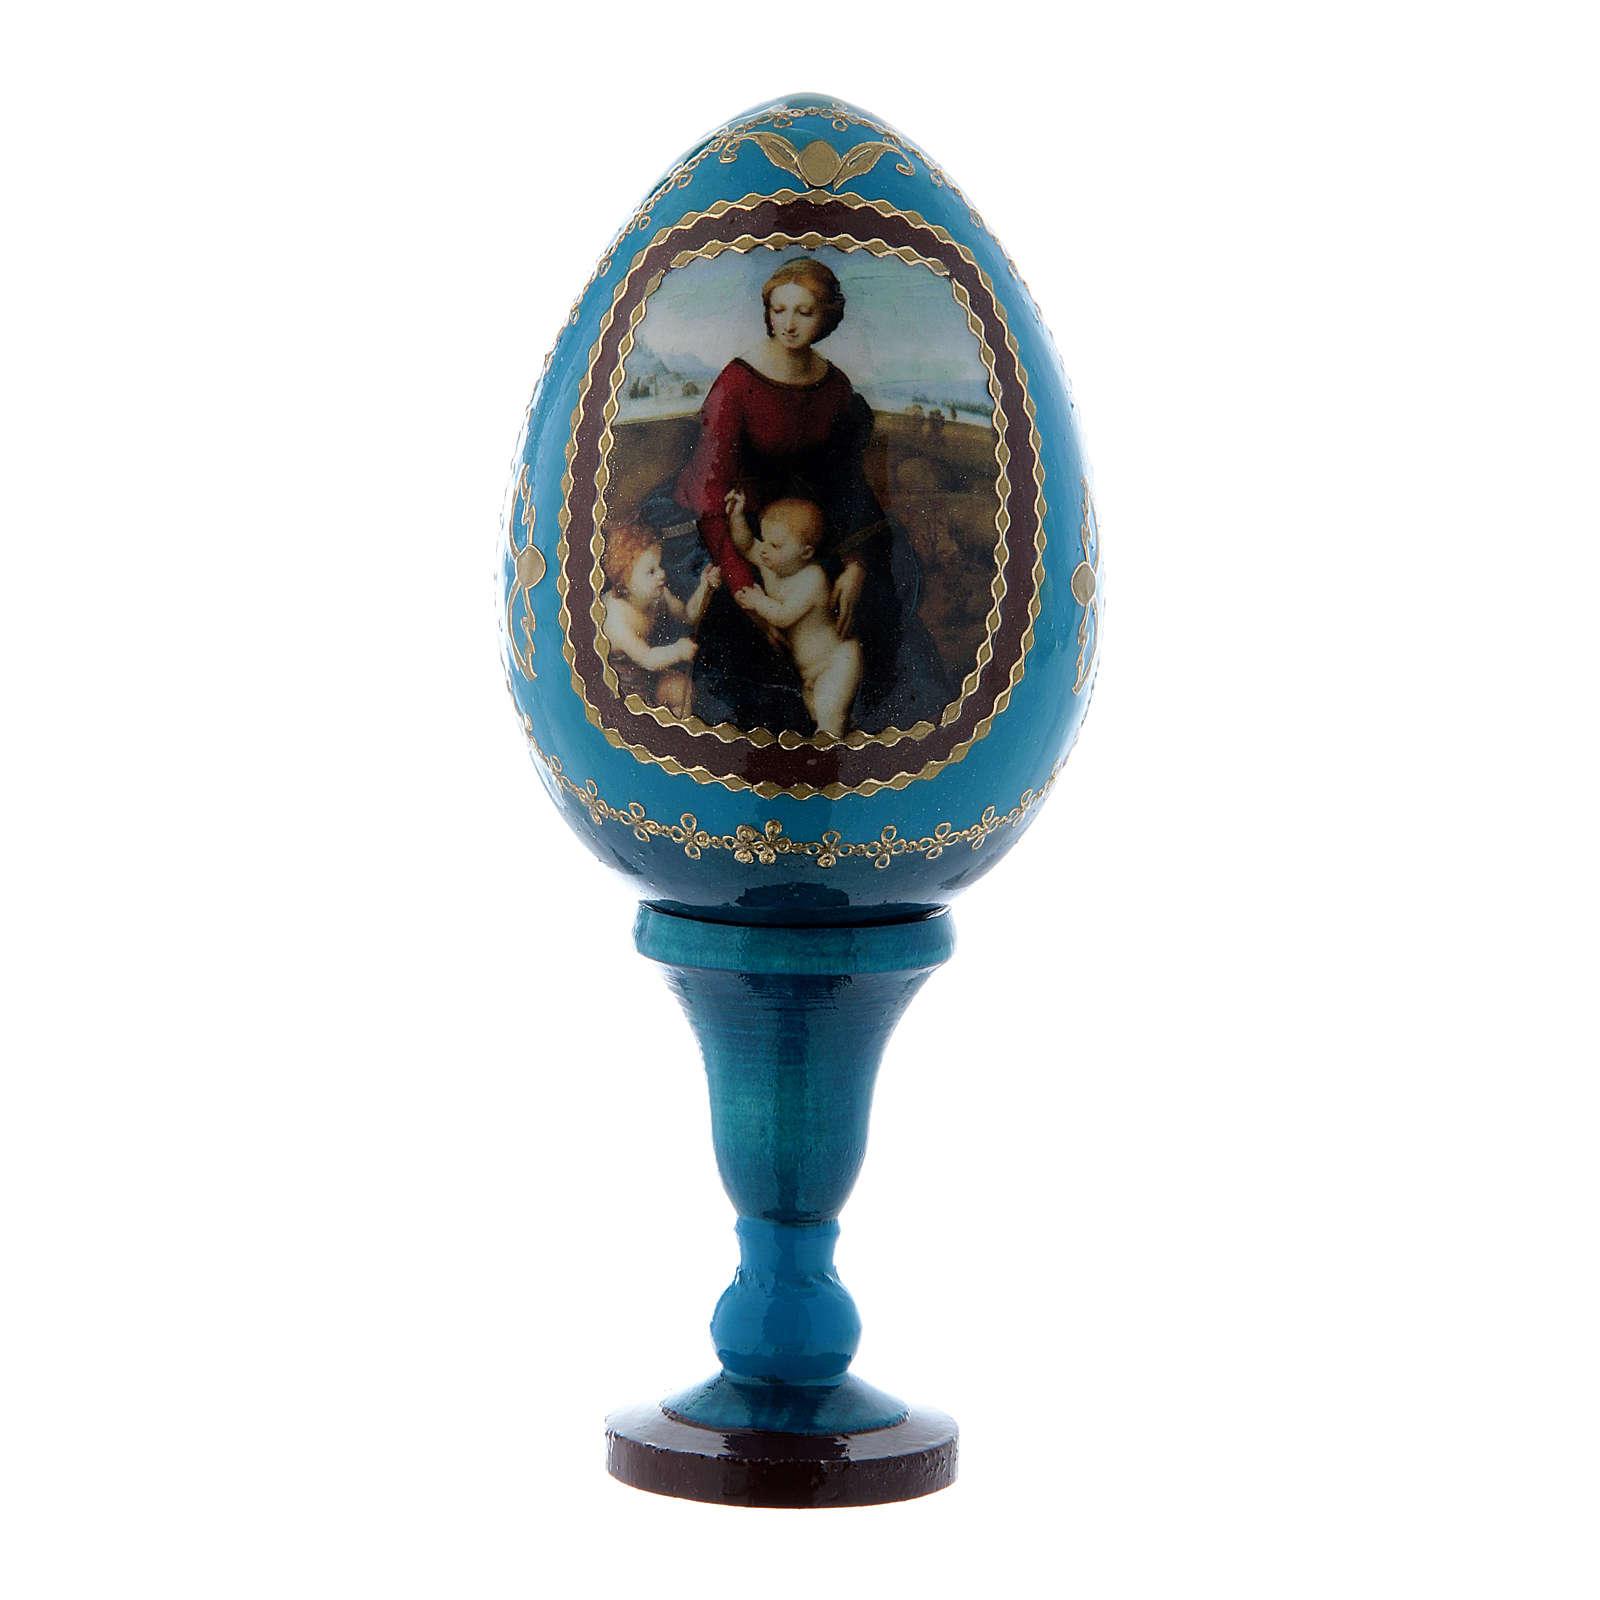 Uovo icona russa La Madonna del Belvedere stile Fabergé blu h tot 13 cm 4